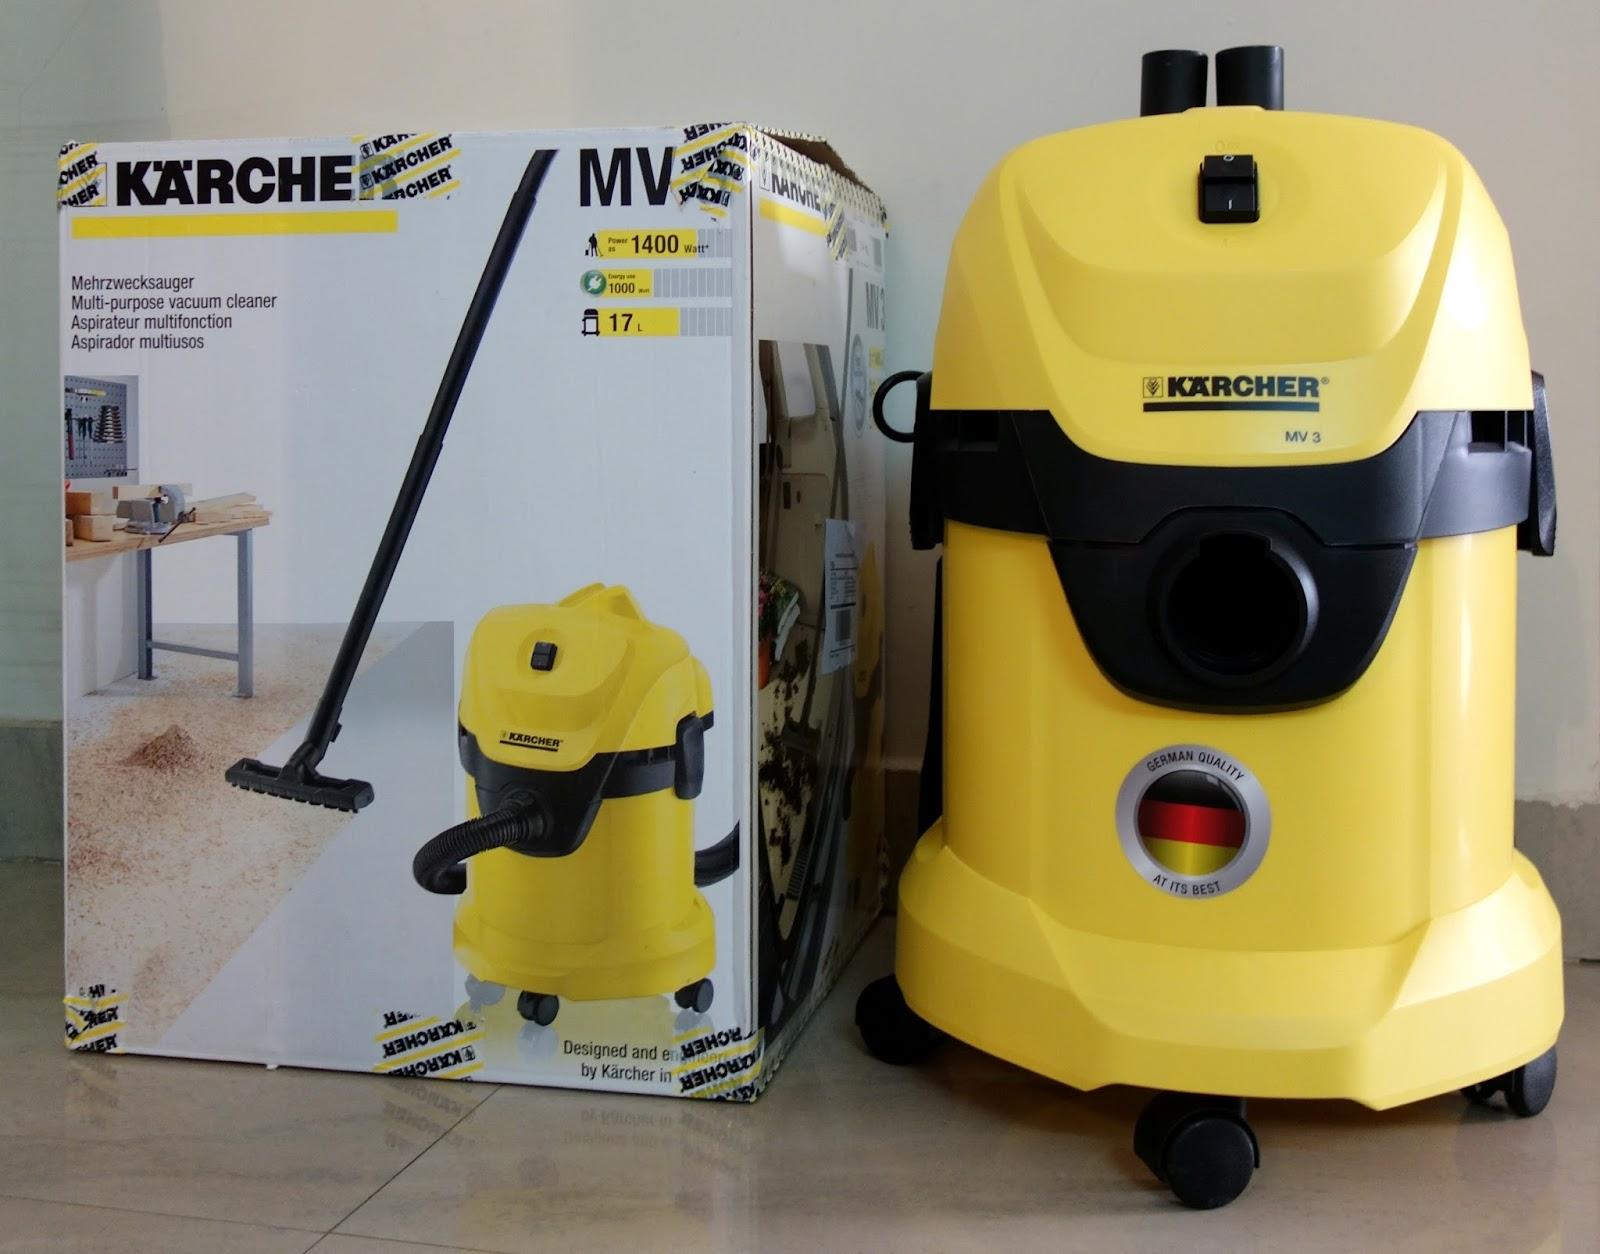 Karcher MV3